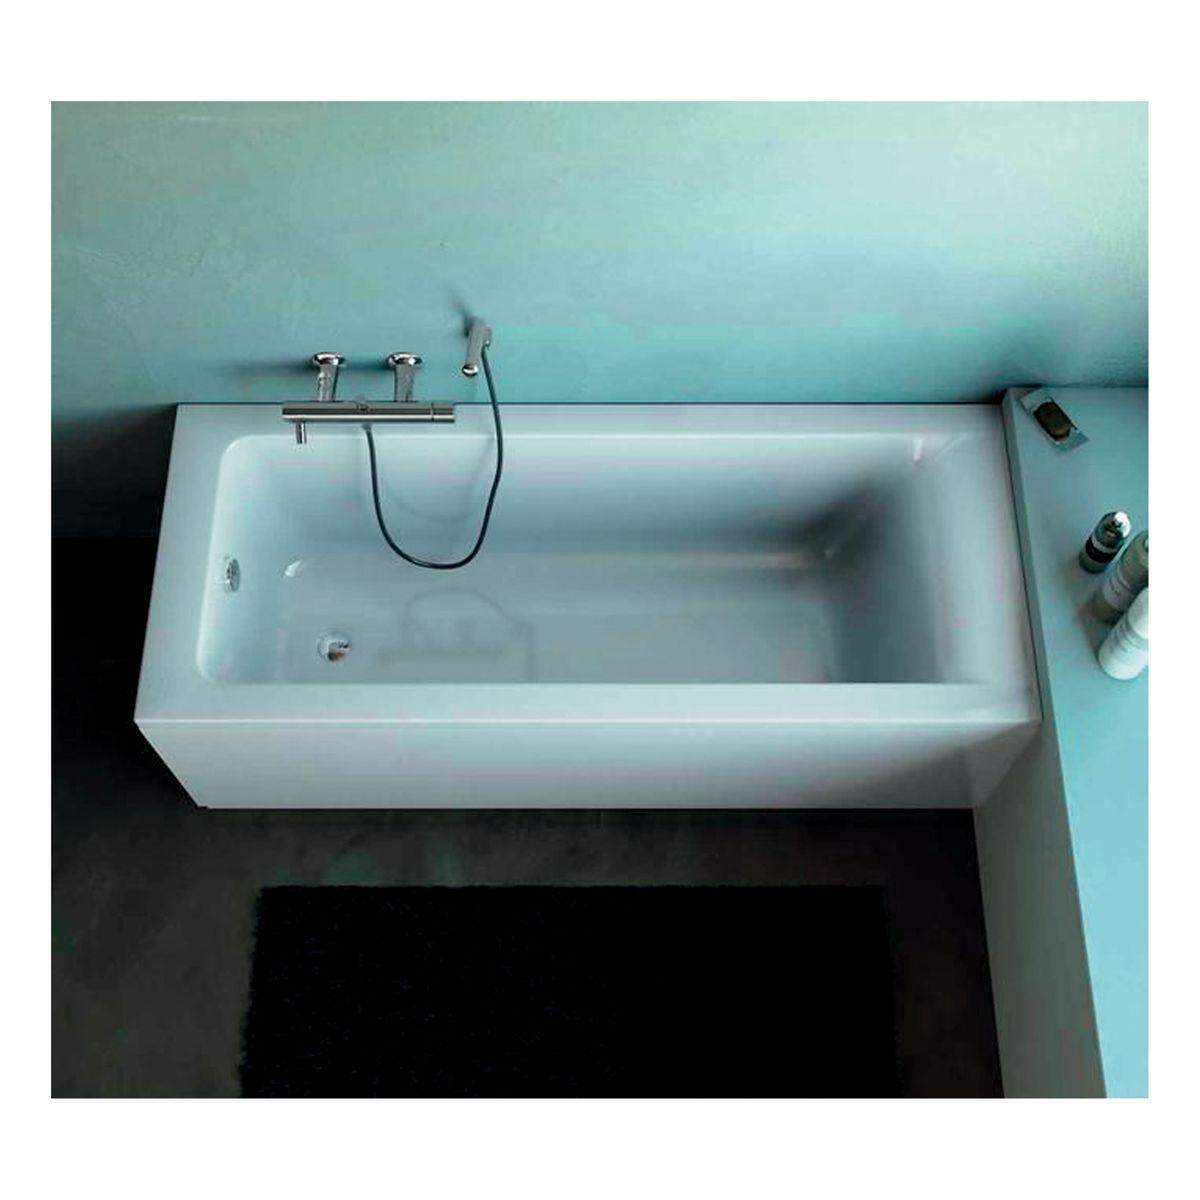 Vasca Da Bagno vasca da bagno nera : Vasche da bagno: prezzi e offerte online per vasche e accessori